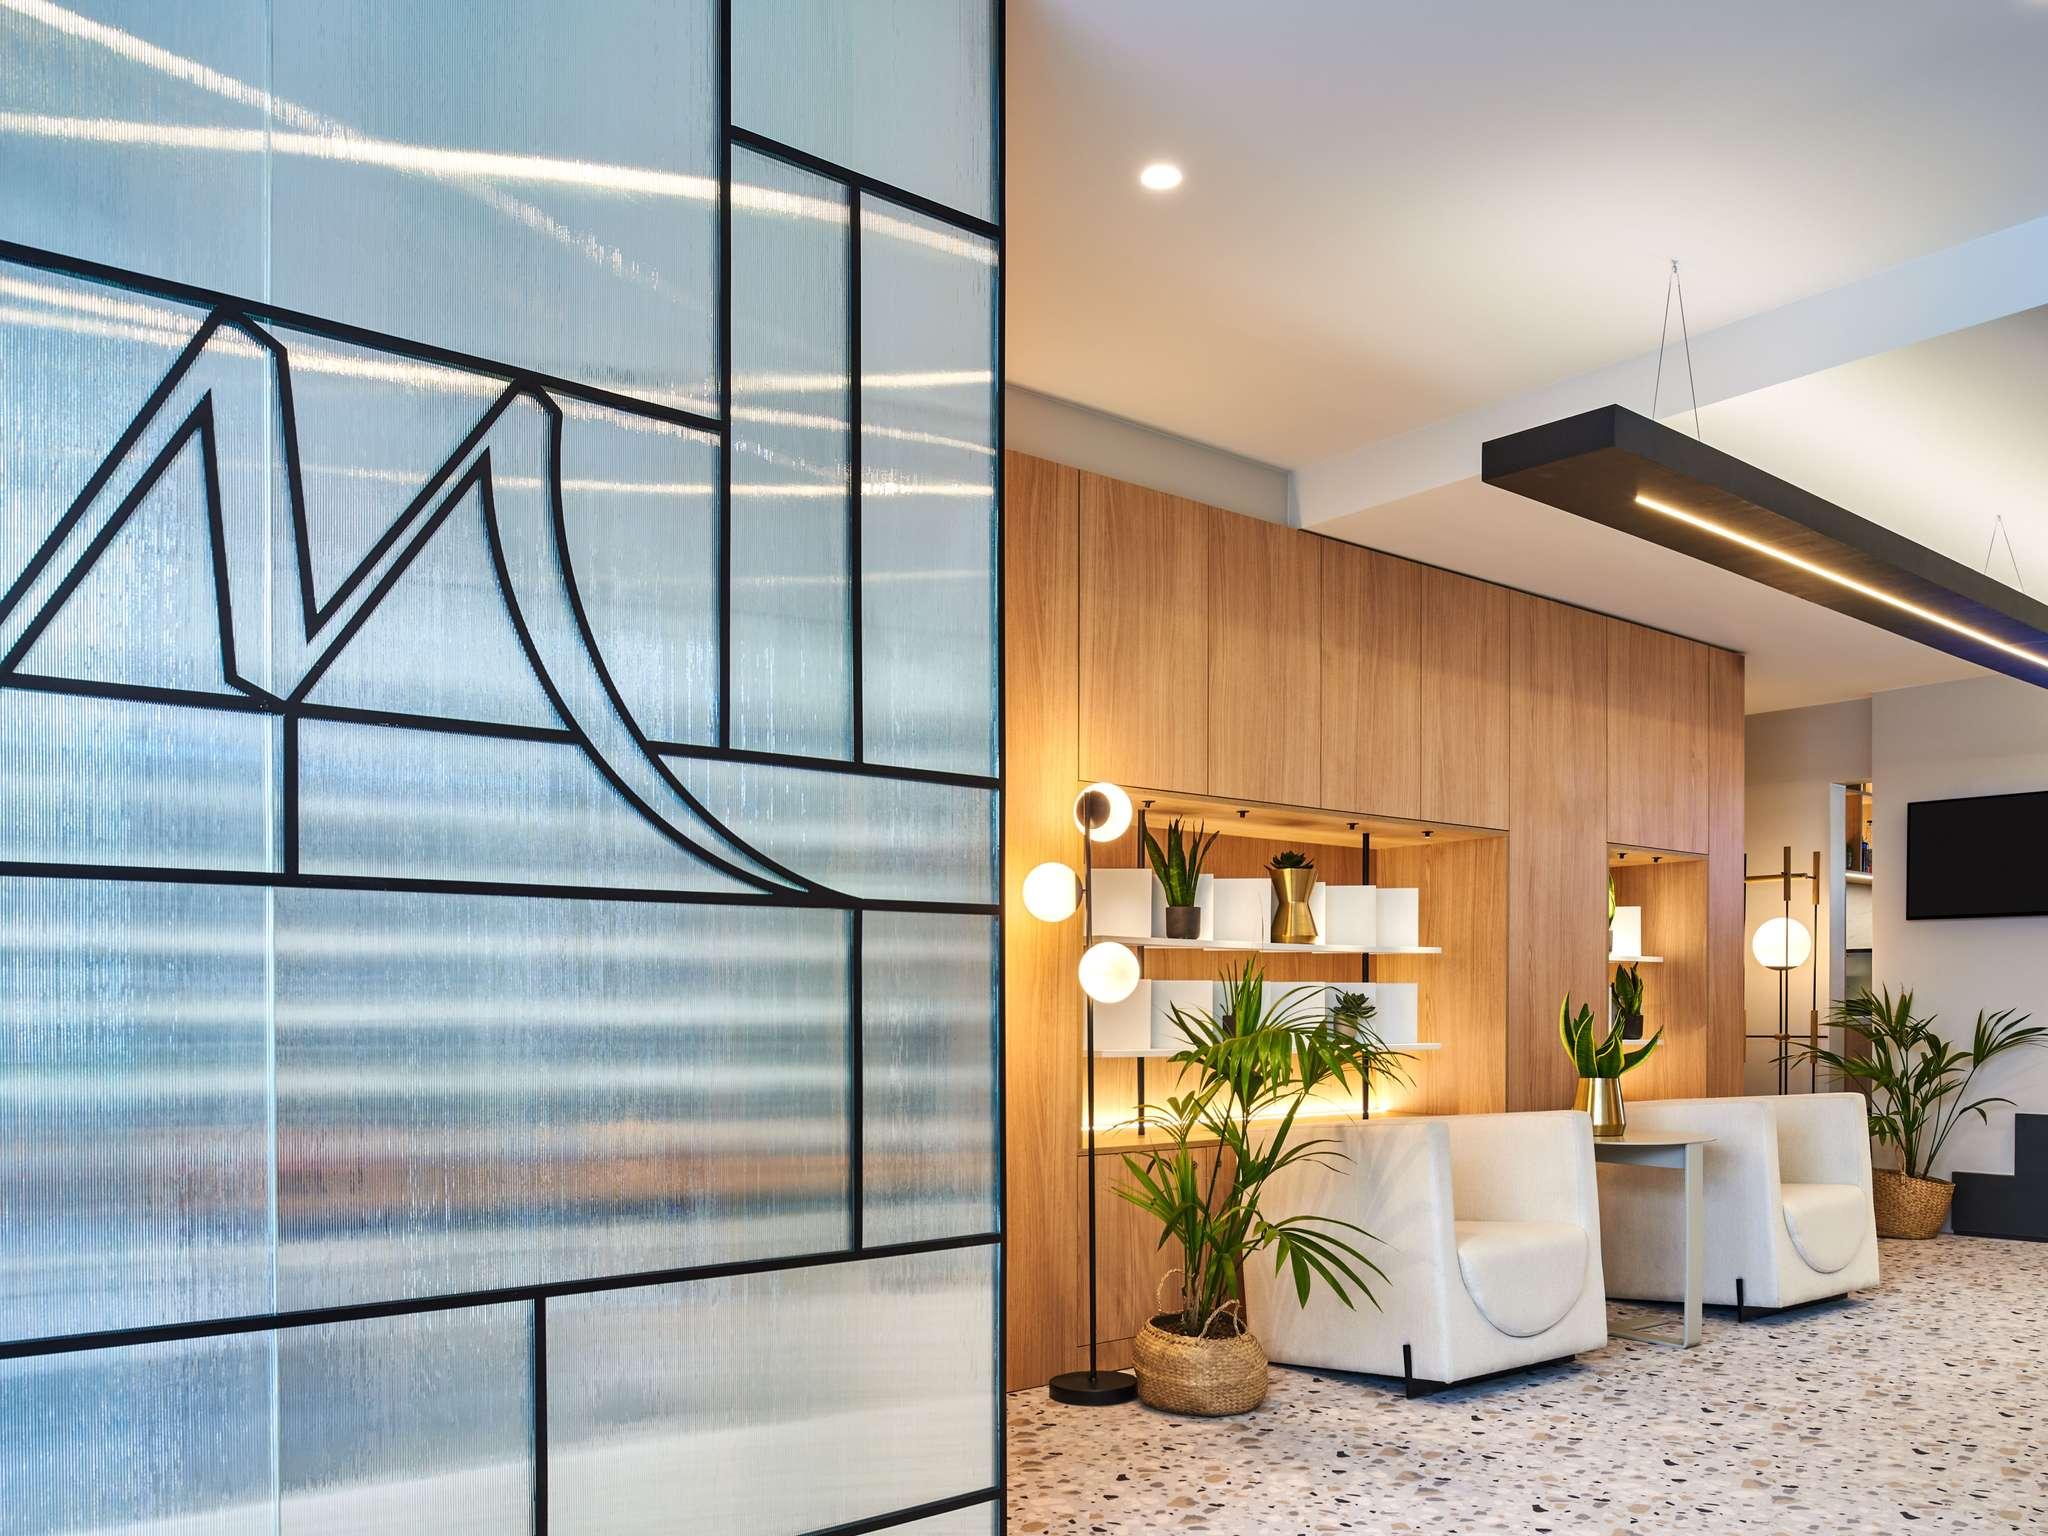 โรงแรม – โรงแรมเมอร์เคียว ปารีส 15 ปอร์ต เดอ แวร์ซายส์